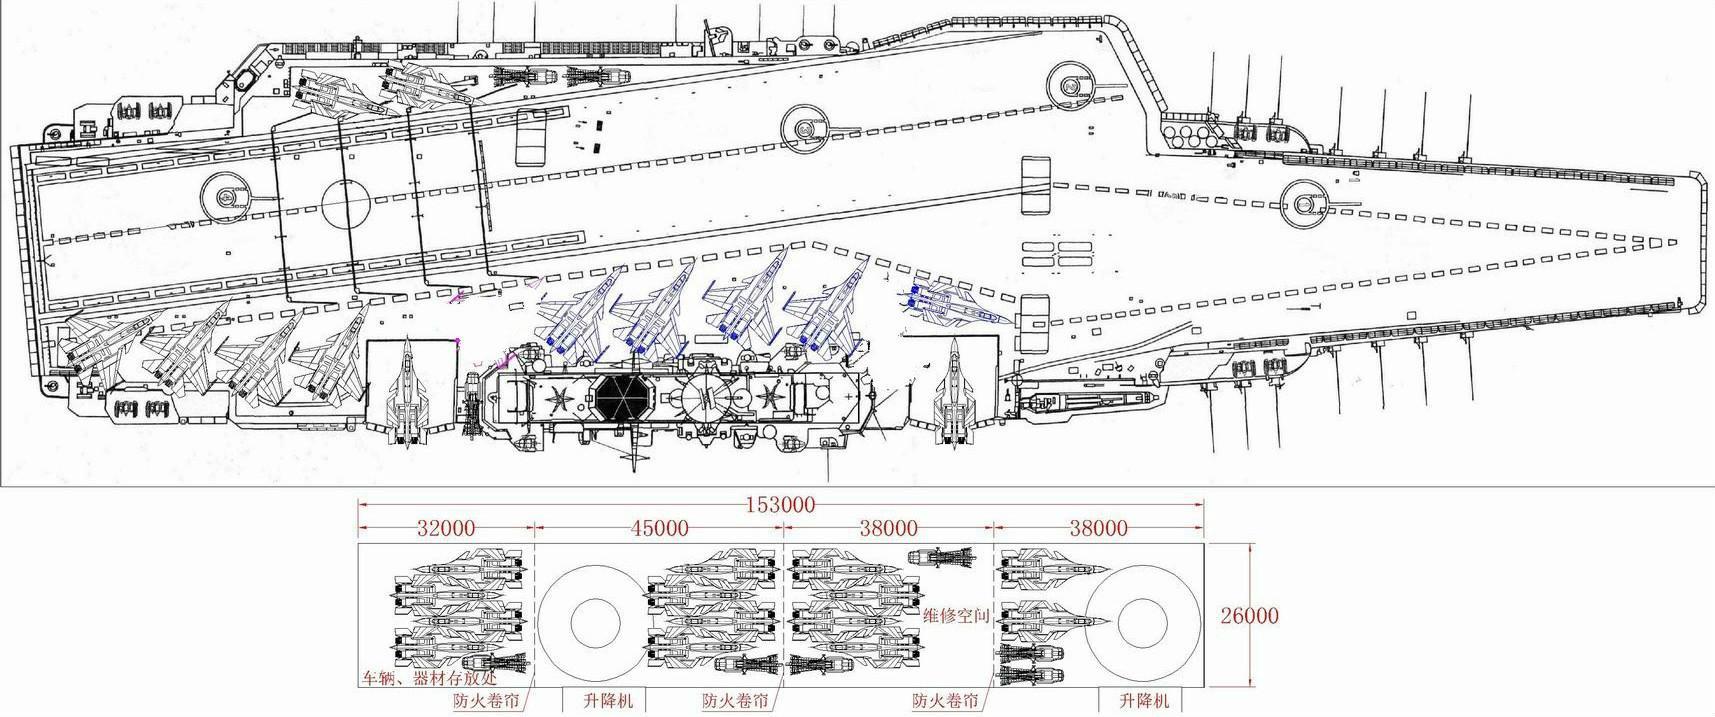 看来002航母确实多了1个舰载机甲板停机位!